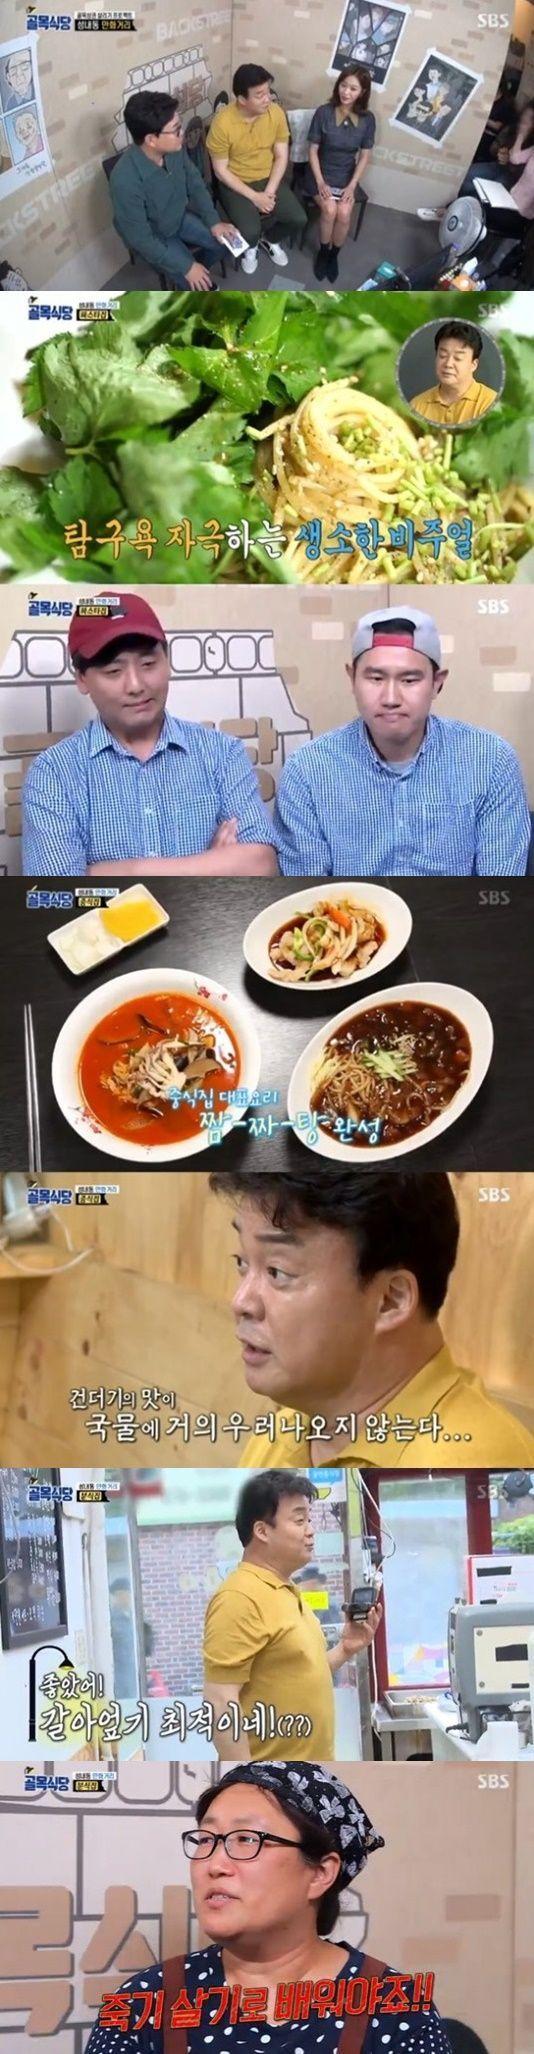 '골목식당' 2주 연속 수요 예능 평정, 분식집 장면 최고 시청률 8.2%